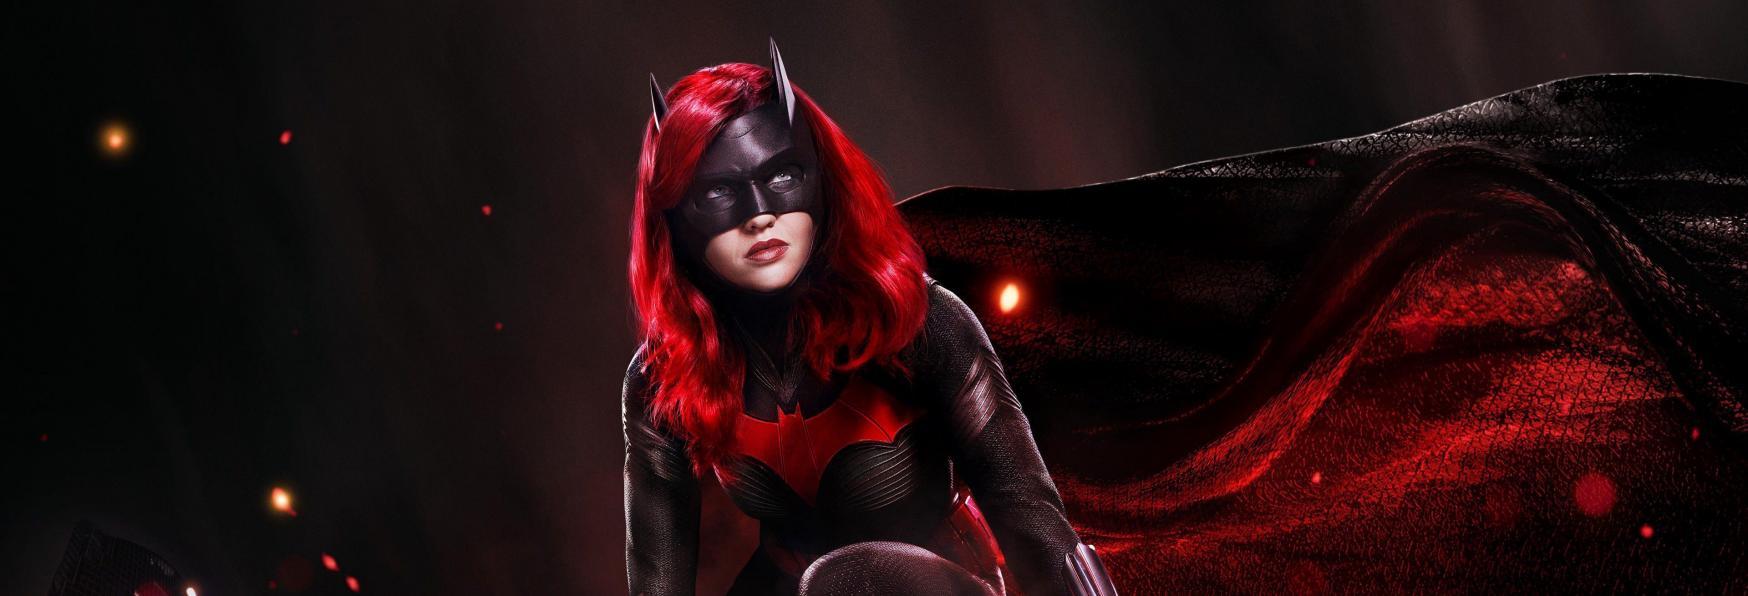 Batwoman 2: un nuovo Personaggio Principale al posto di un Recasting. Lo Showrunner spiega i Motivi della Scelta